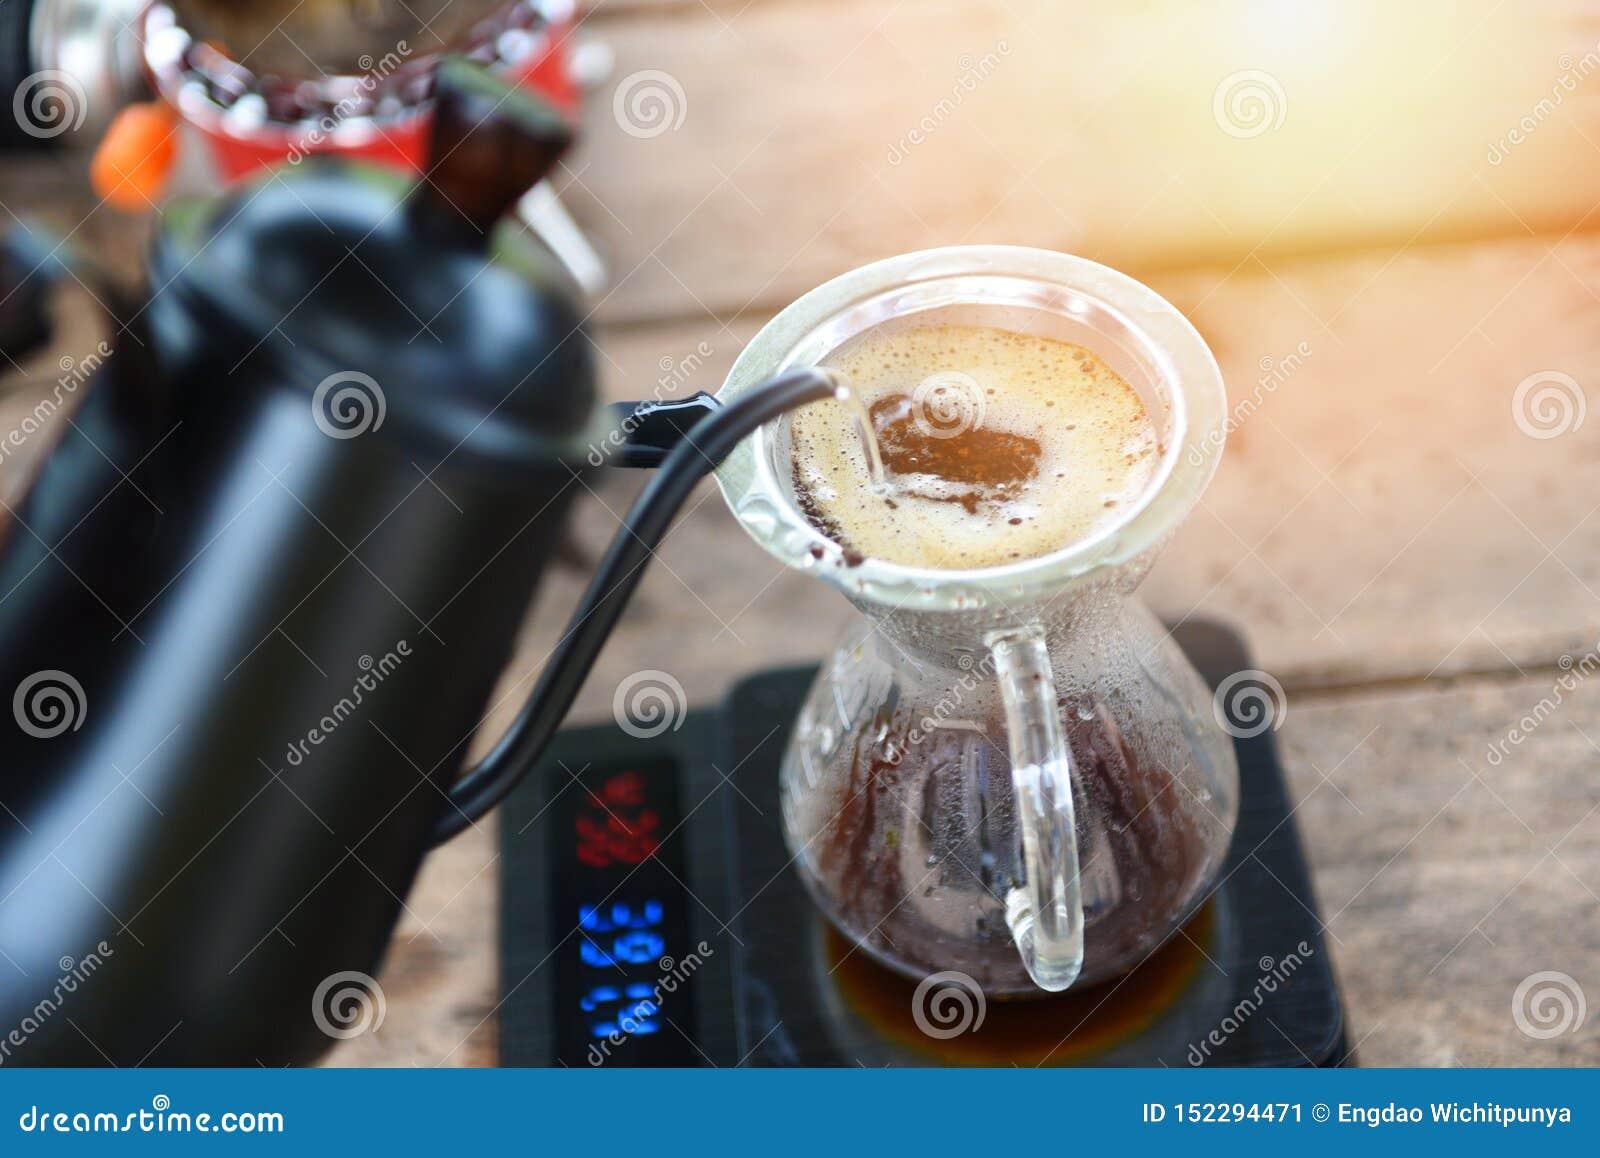 Hällande vatten för droppandekaffebarista på filtrerat brygga - som gör kaffe för kopphanddroppande i exponeringsglaskrus på vägn